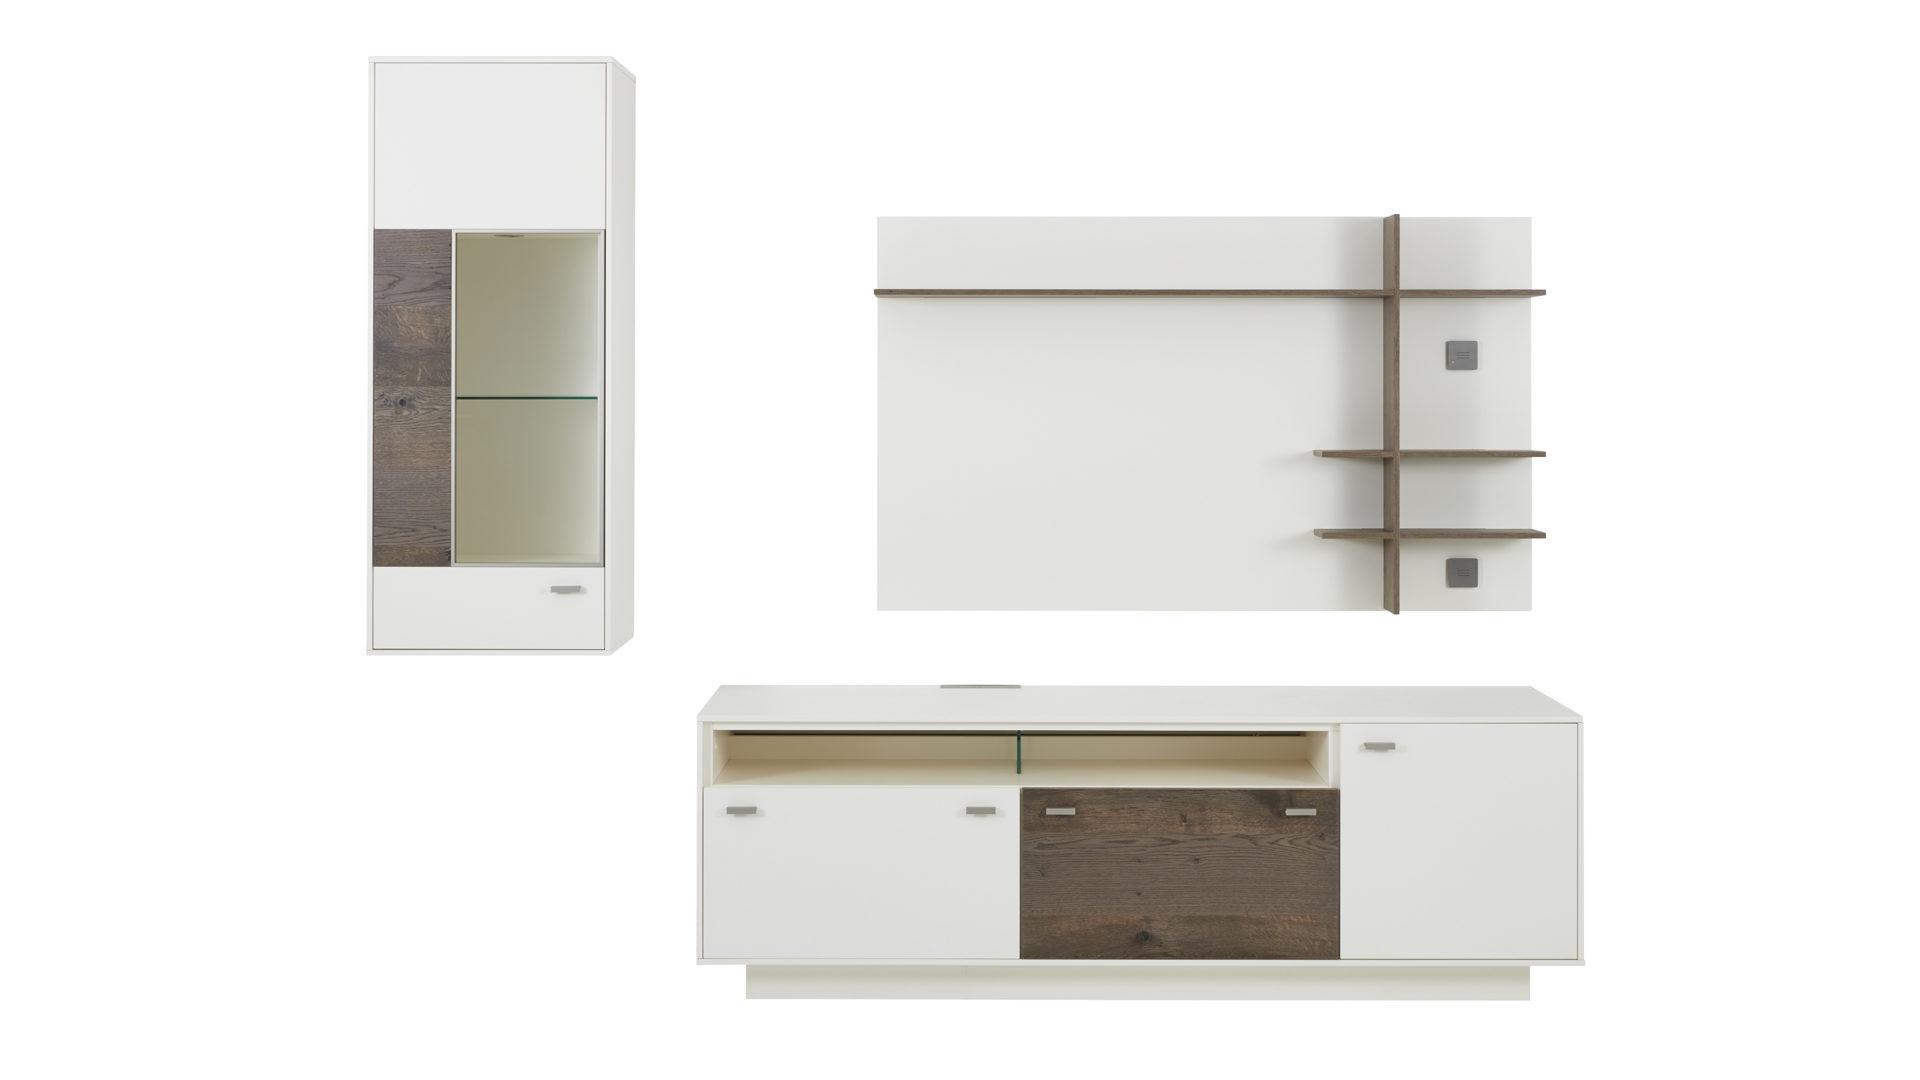 wohnwand nussbaum furniert, interliving wohnzimmer serie 2101 – wohnkombination, weiße, Design ideen